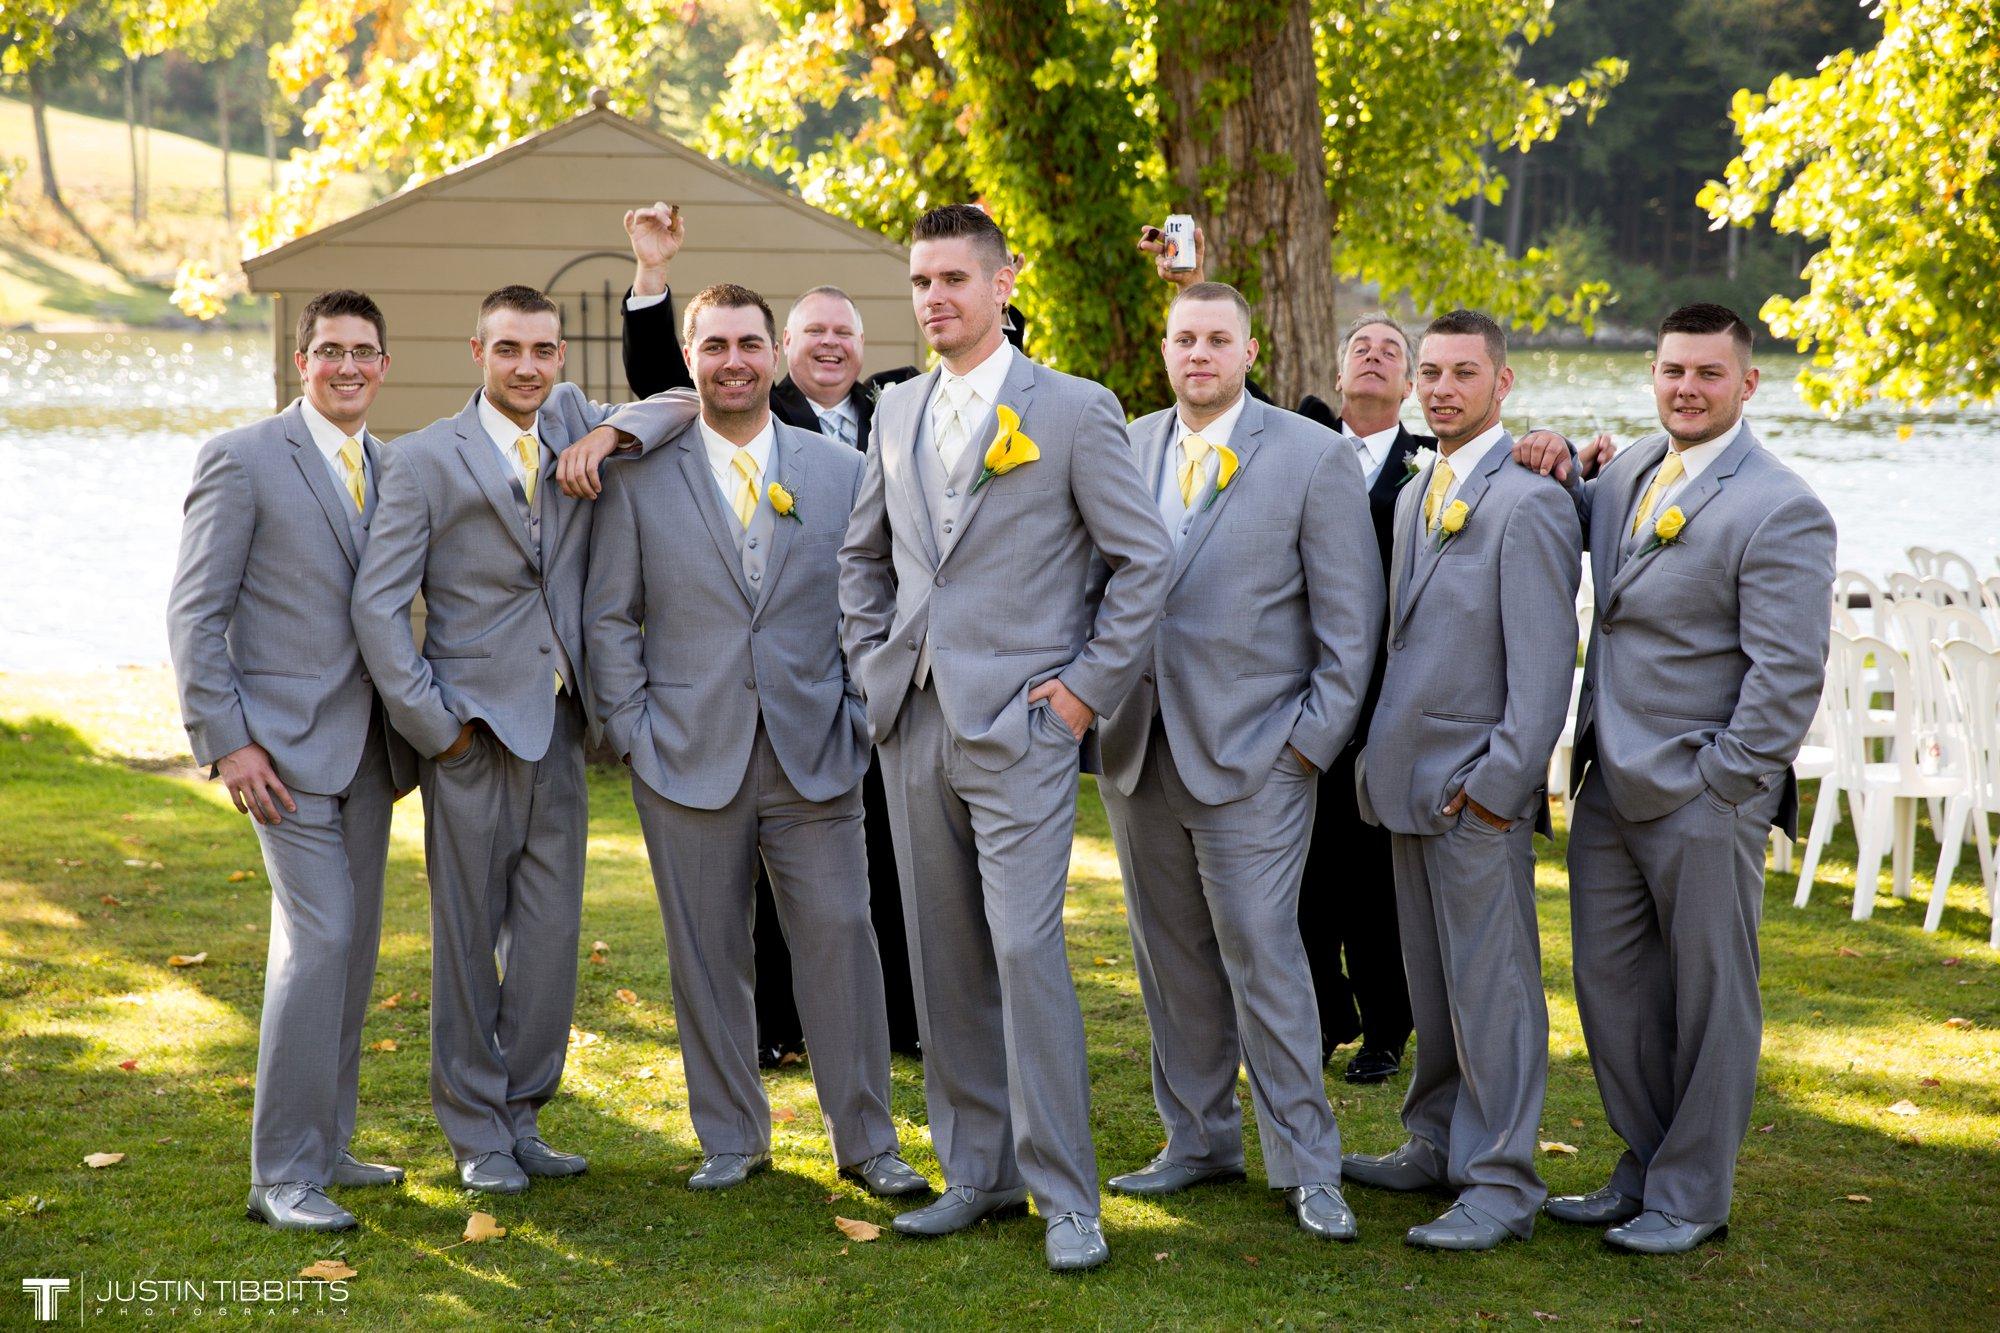 Albany NY Wedding Photographer Justin Tibbitts Photography 2014 Best of Albany NY Weddings-883532